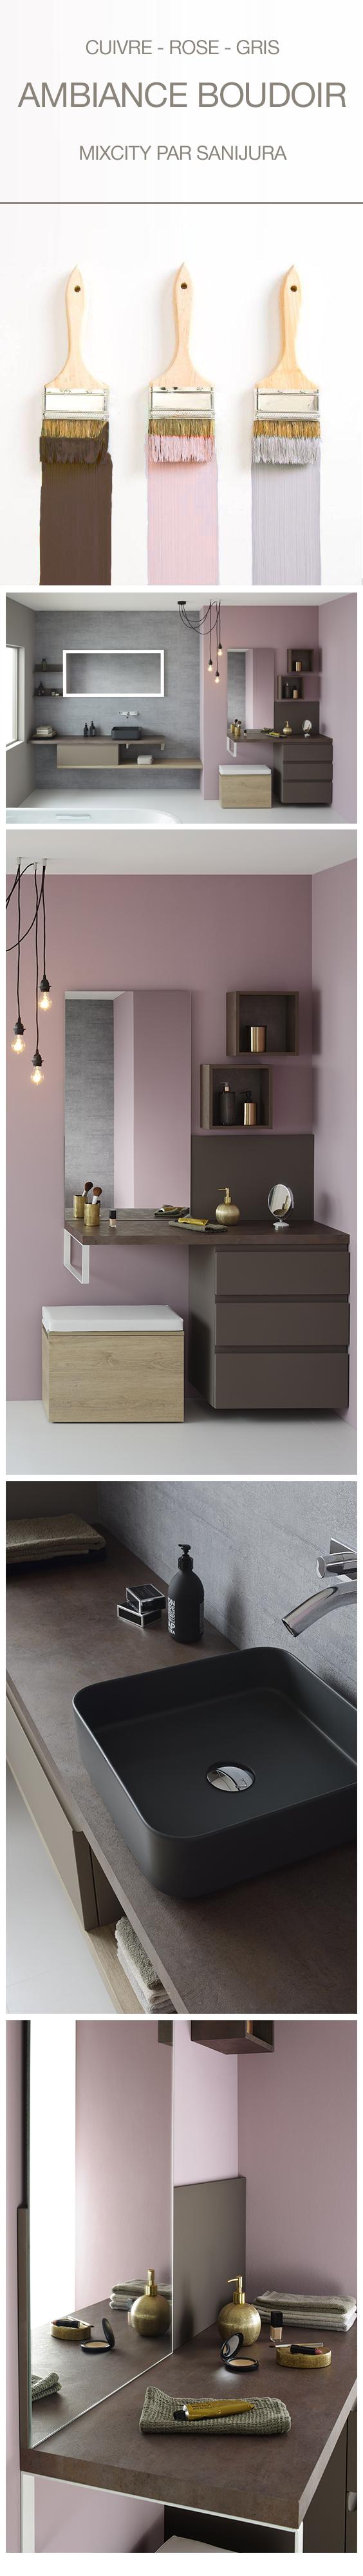 Accessoire Salle De Bain Rose Poudre ~ suivez la tendance rose poudr e pour d corer votre salle de bain